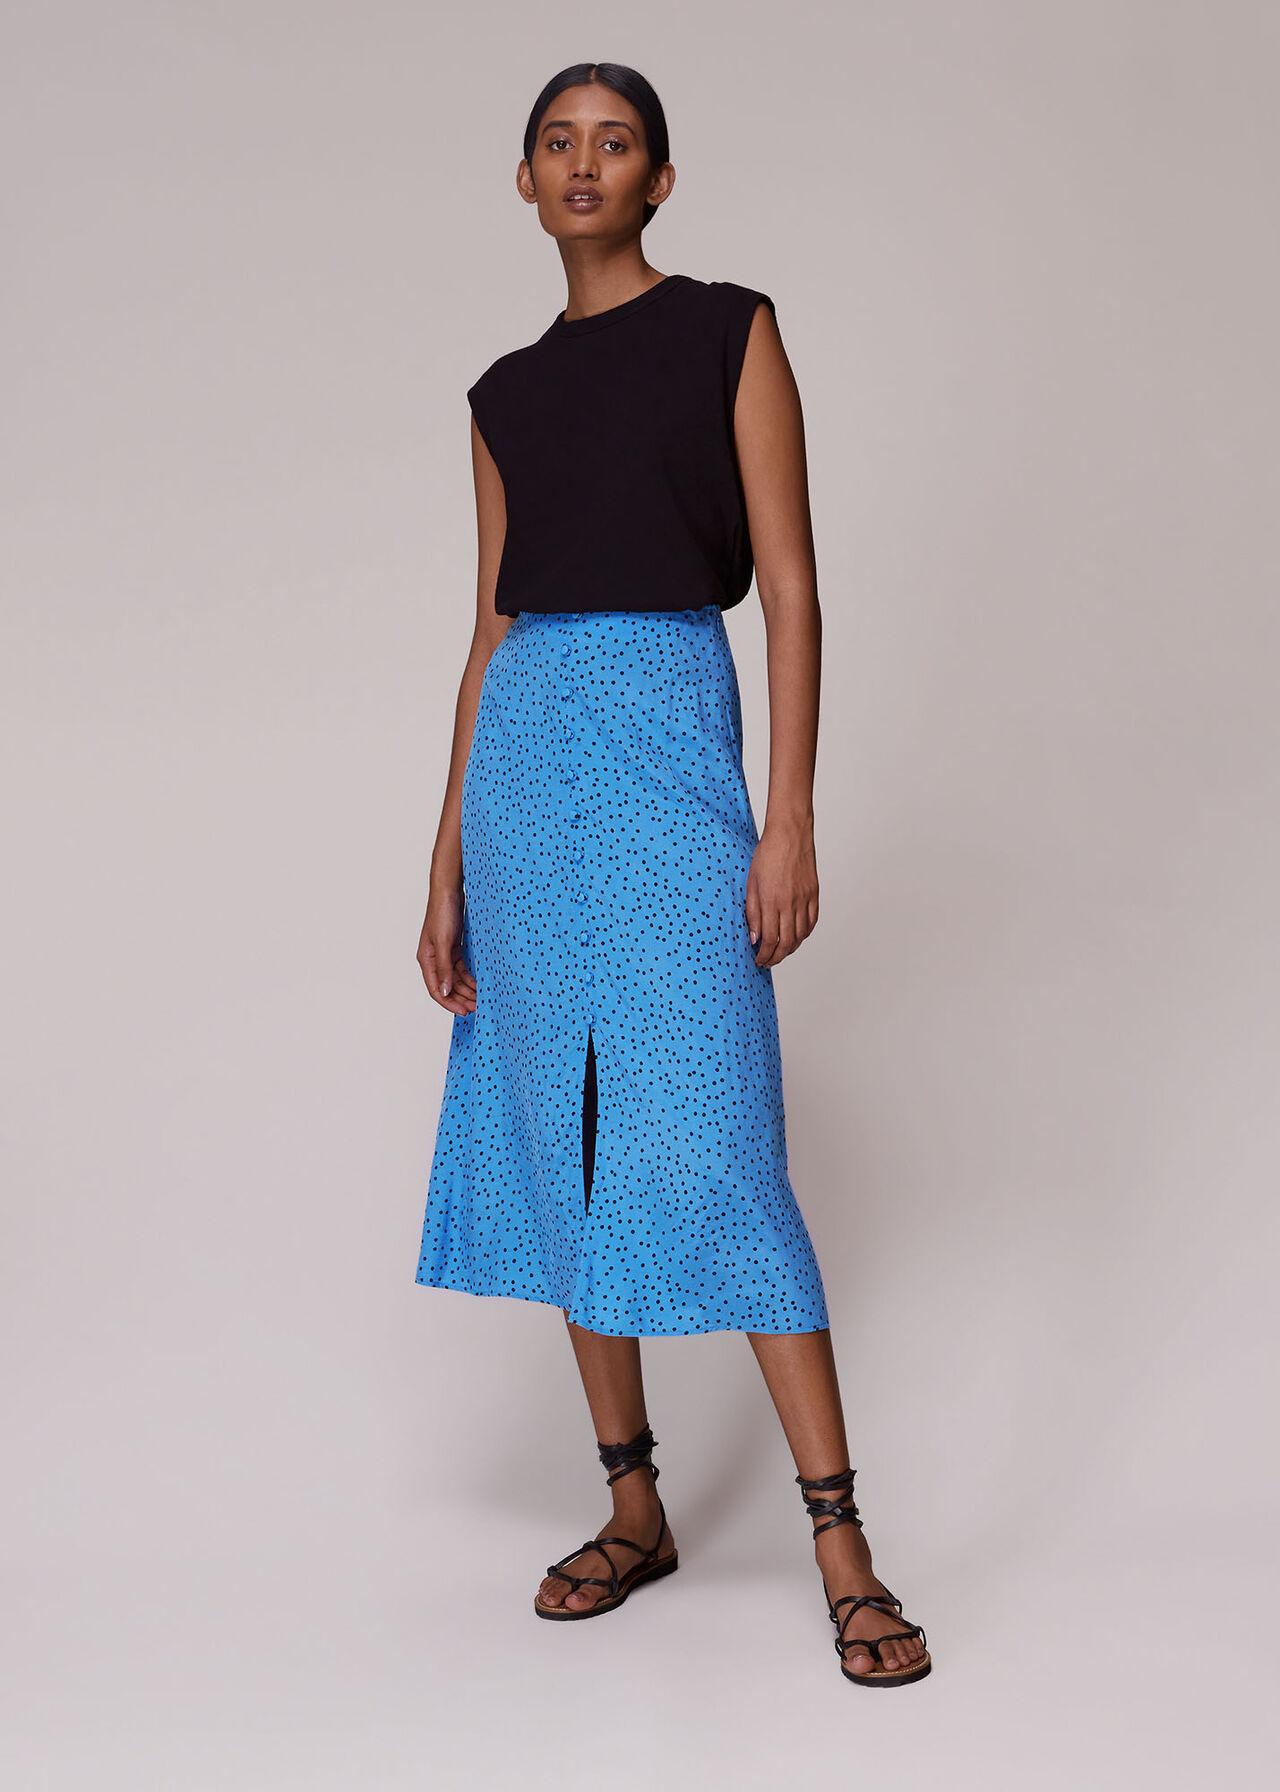 Irregular Spot Skirt